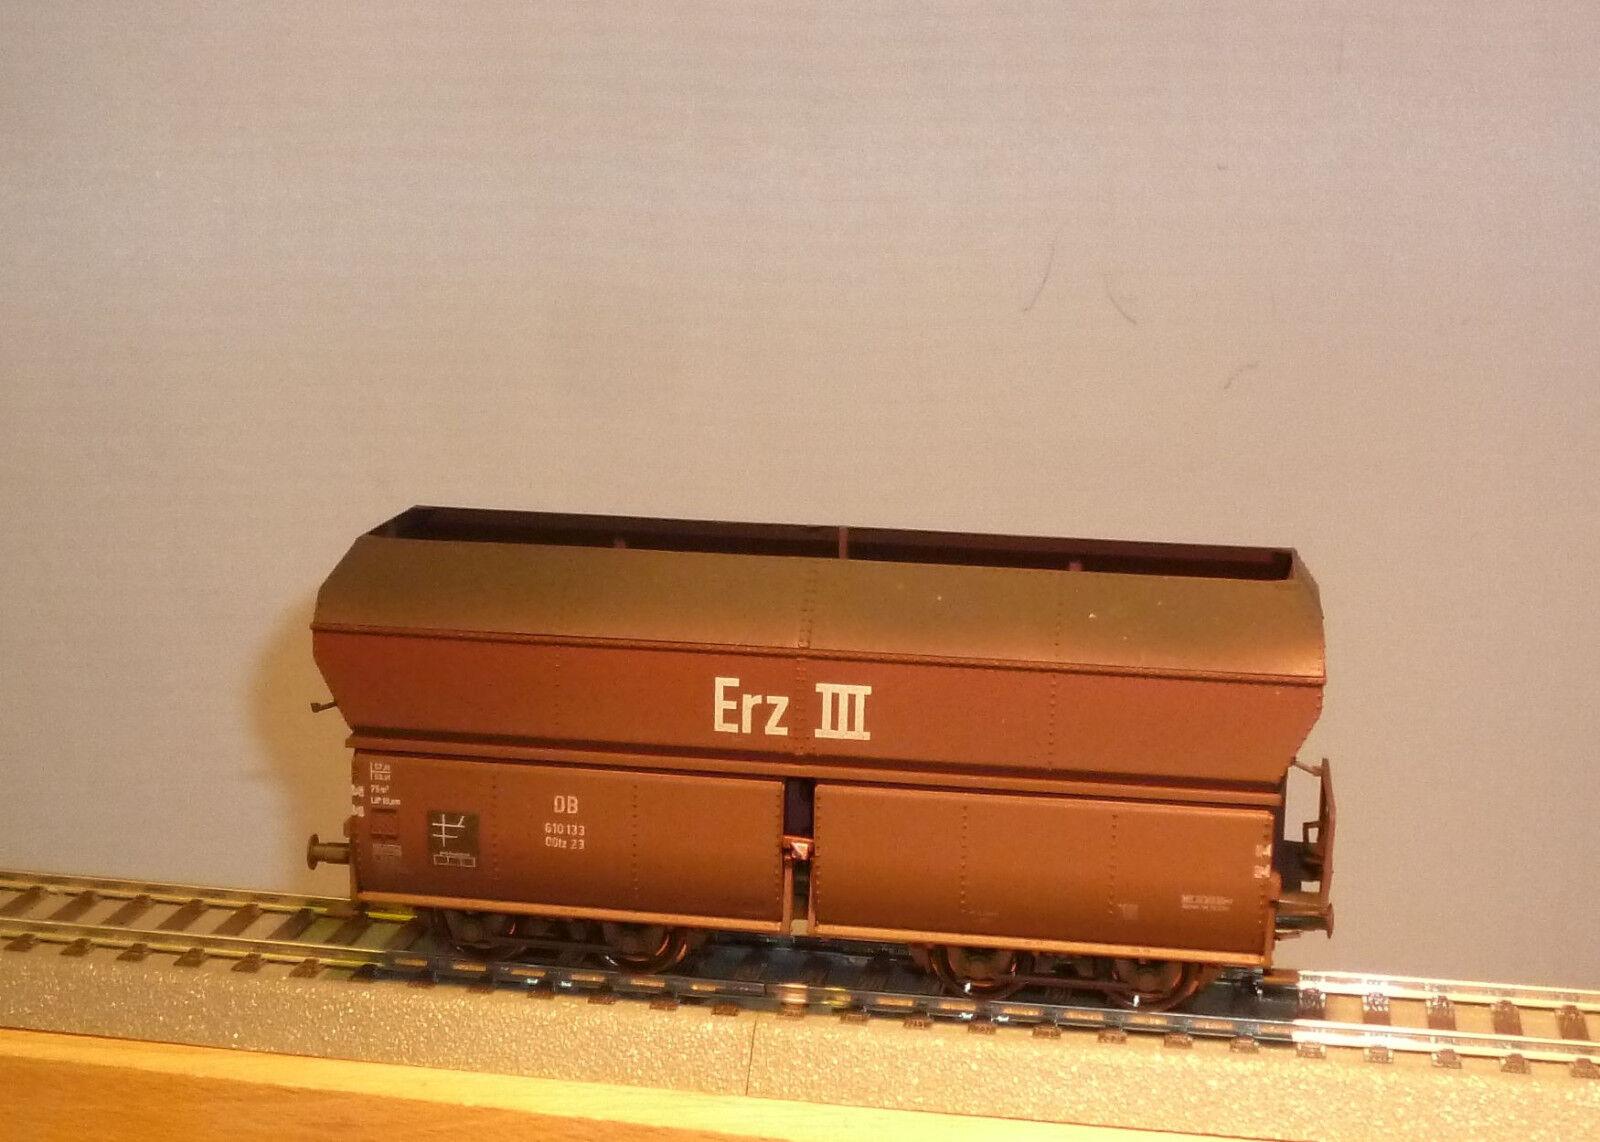 Brawa h0 47564 Vagón de autodescarga ootz 23 610133 DB Ep 3. NUEVO Y EMB. orig.